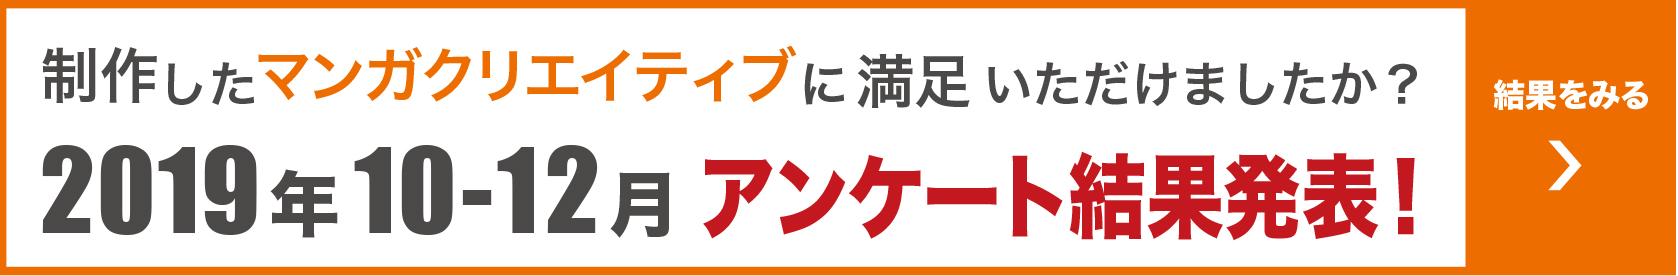 2019年アンケート結果発表!